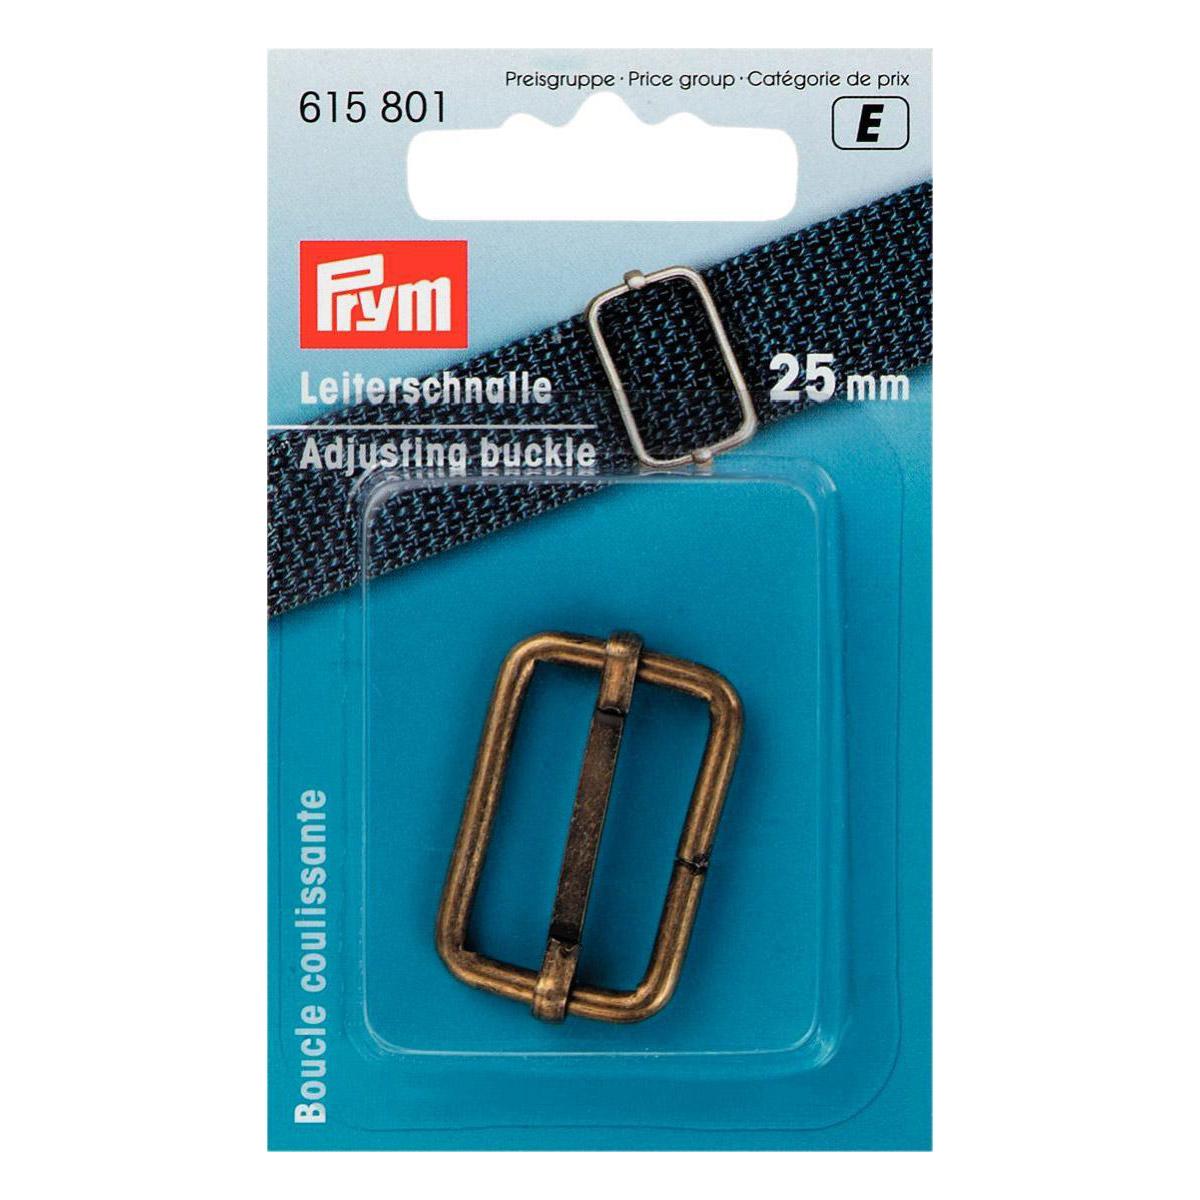 PRYM Leiterschnalle 25mm altmessing